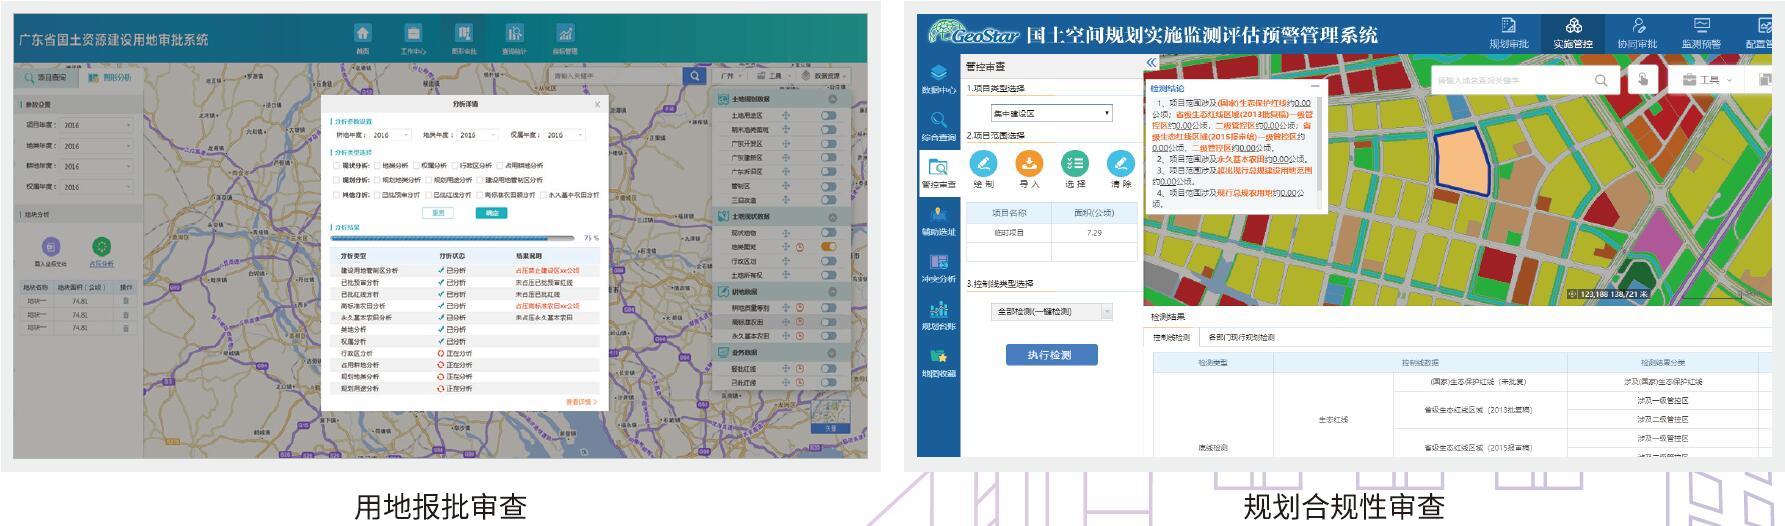 武大十博国土空间规划监测评估预警管理系统十博最佳体育平台-网站版图-7